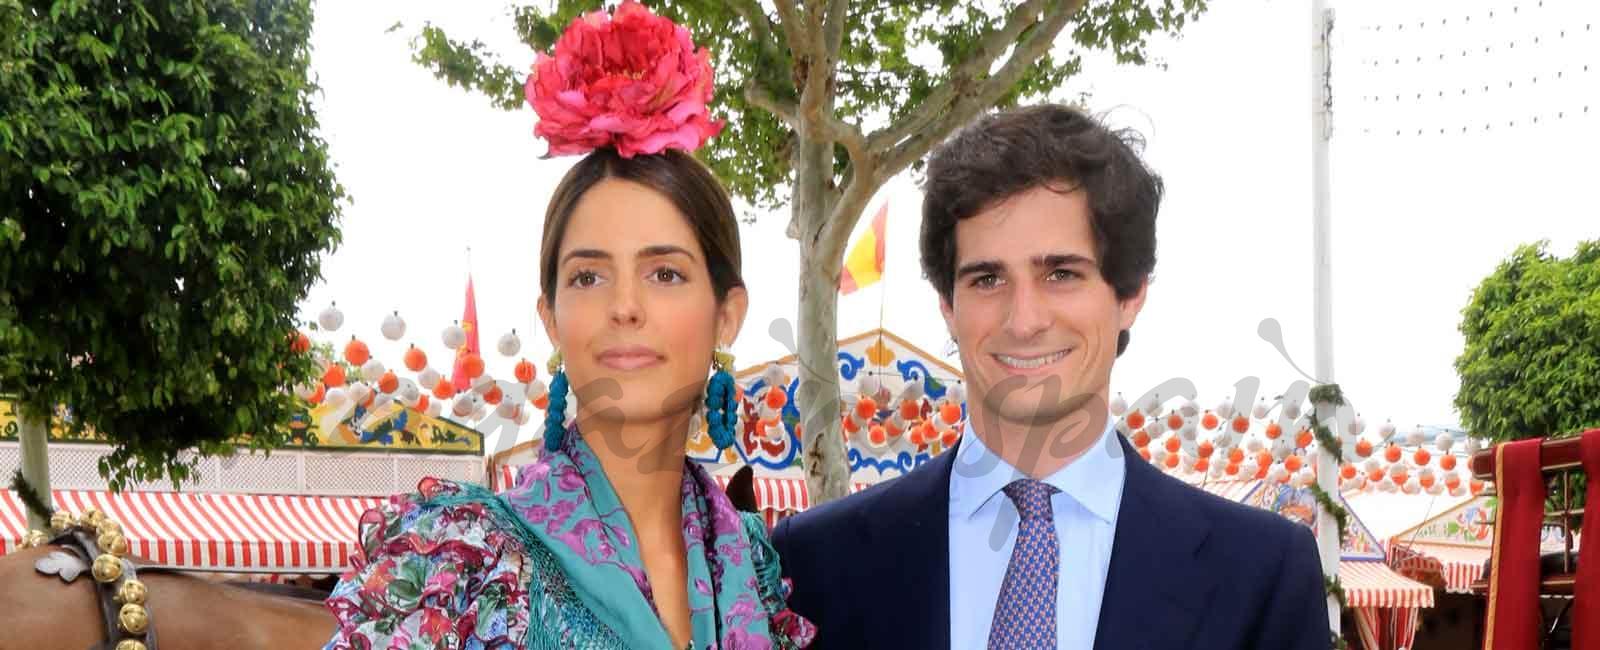 El Duque de Huéscar y su prometida se divierten en la Feria de Abril